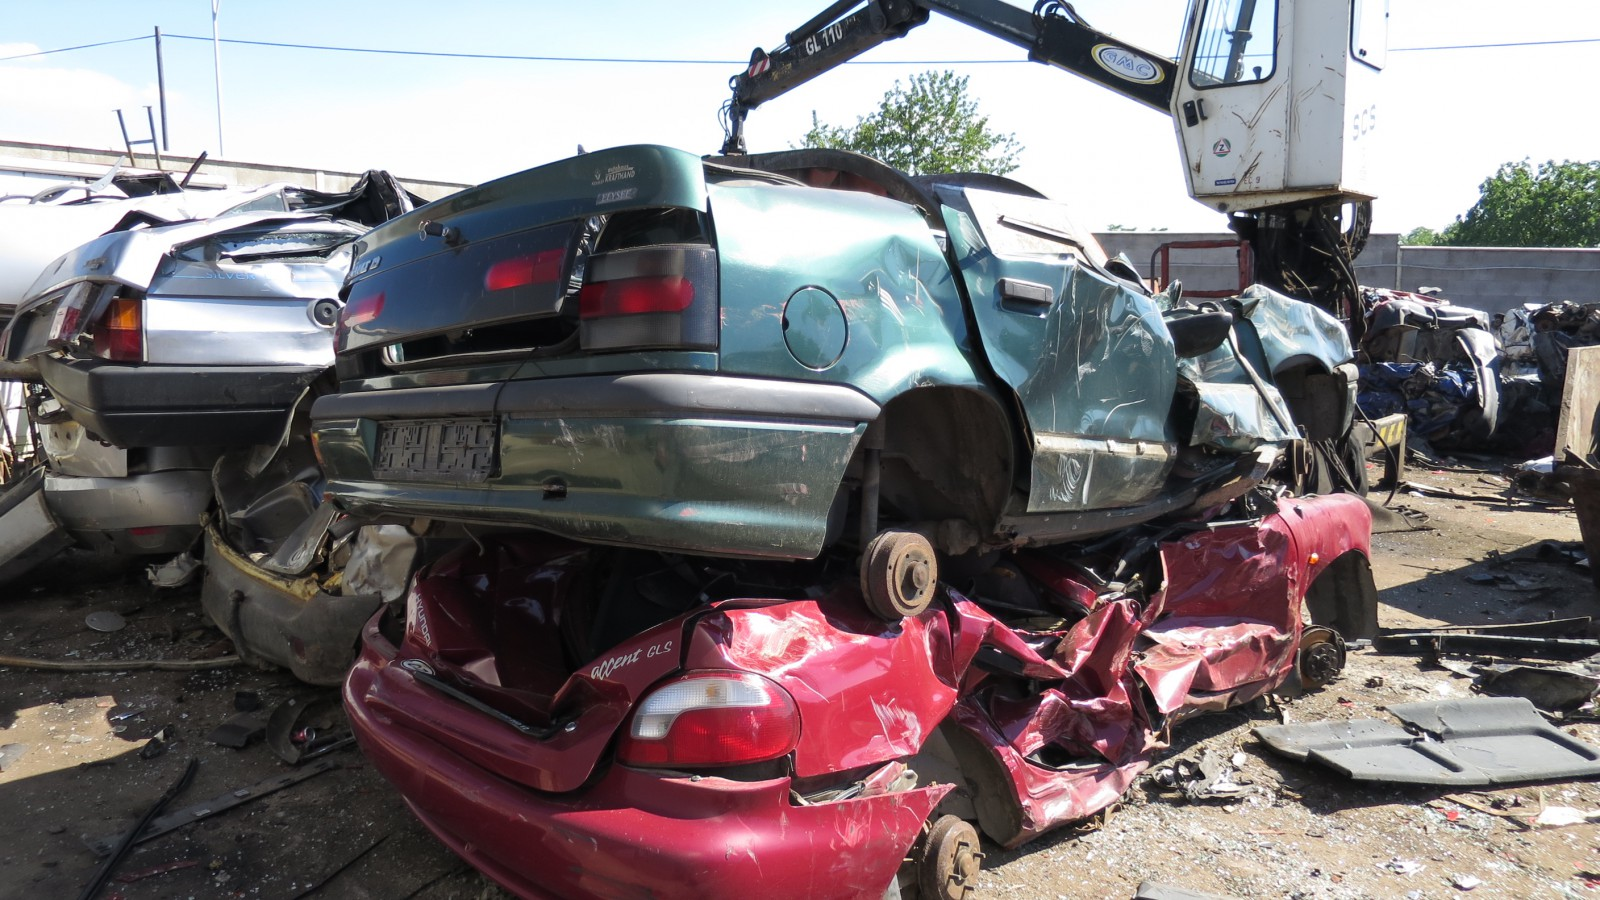 Ekologická likvidace autovraků - snadno, rychle a bez starostí